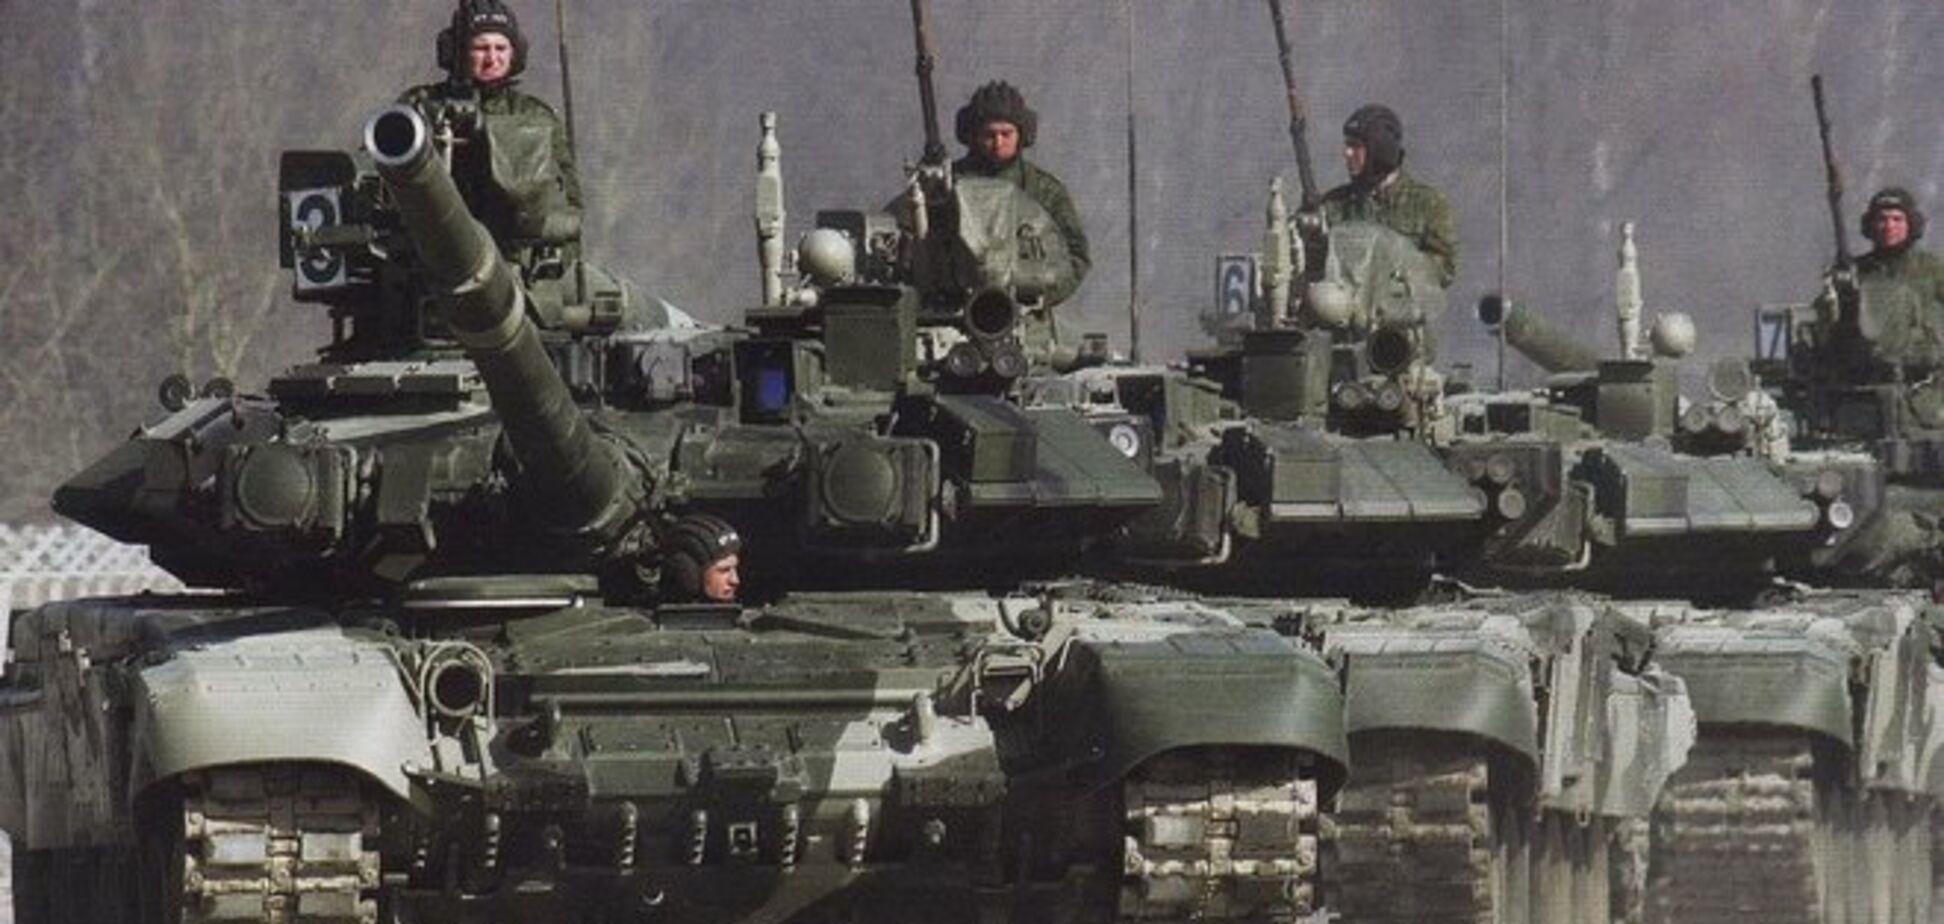 Россия полностью отведет войска от границы с Украиной до 8 июня - Генштаб РФ